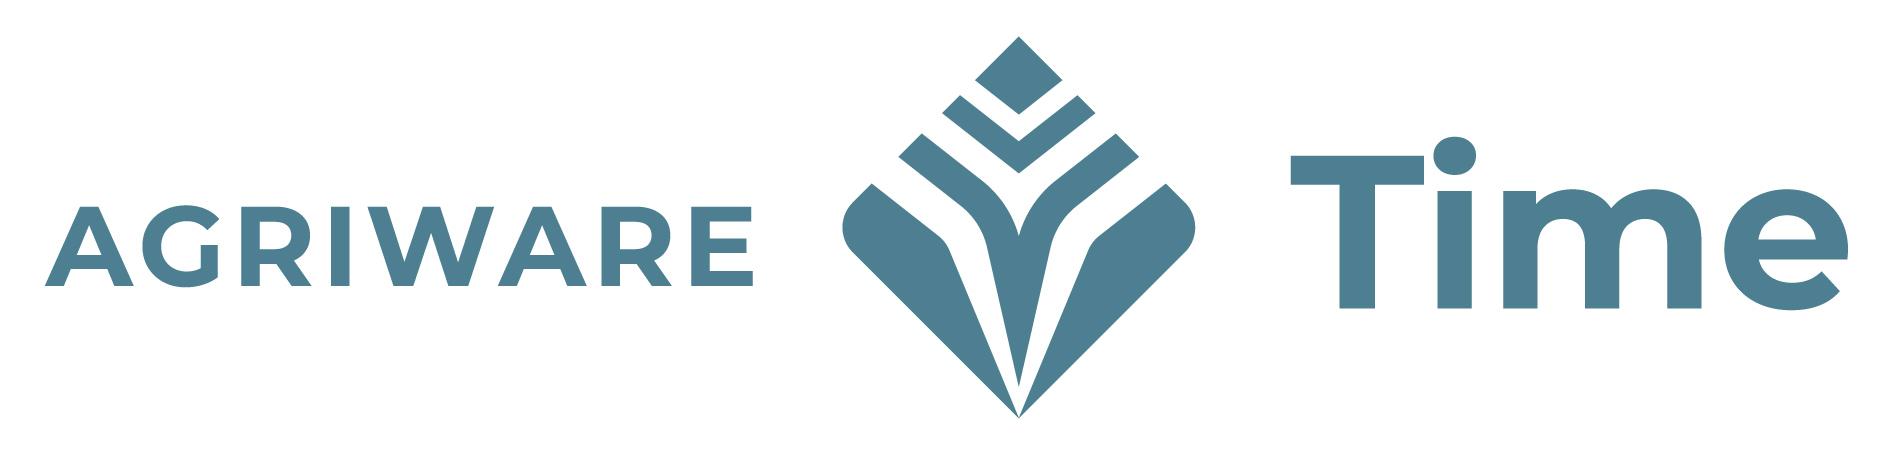 AGRIWARE-logo-2019-TIME-[RGB]